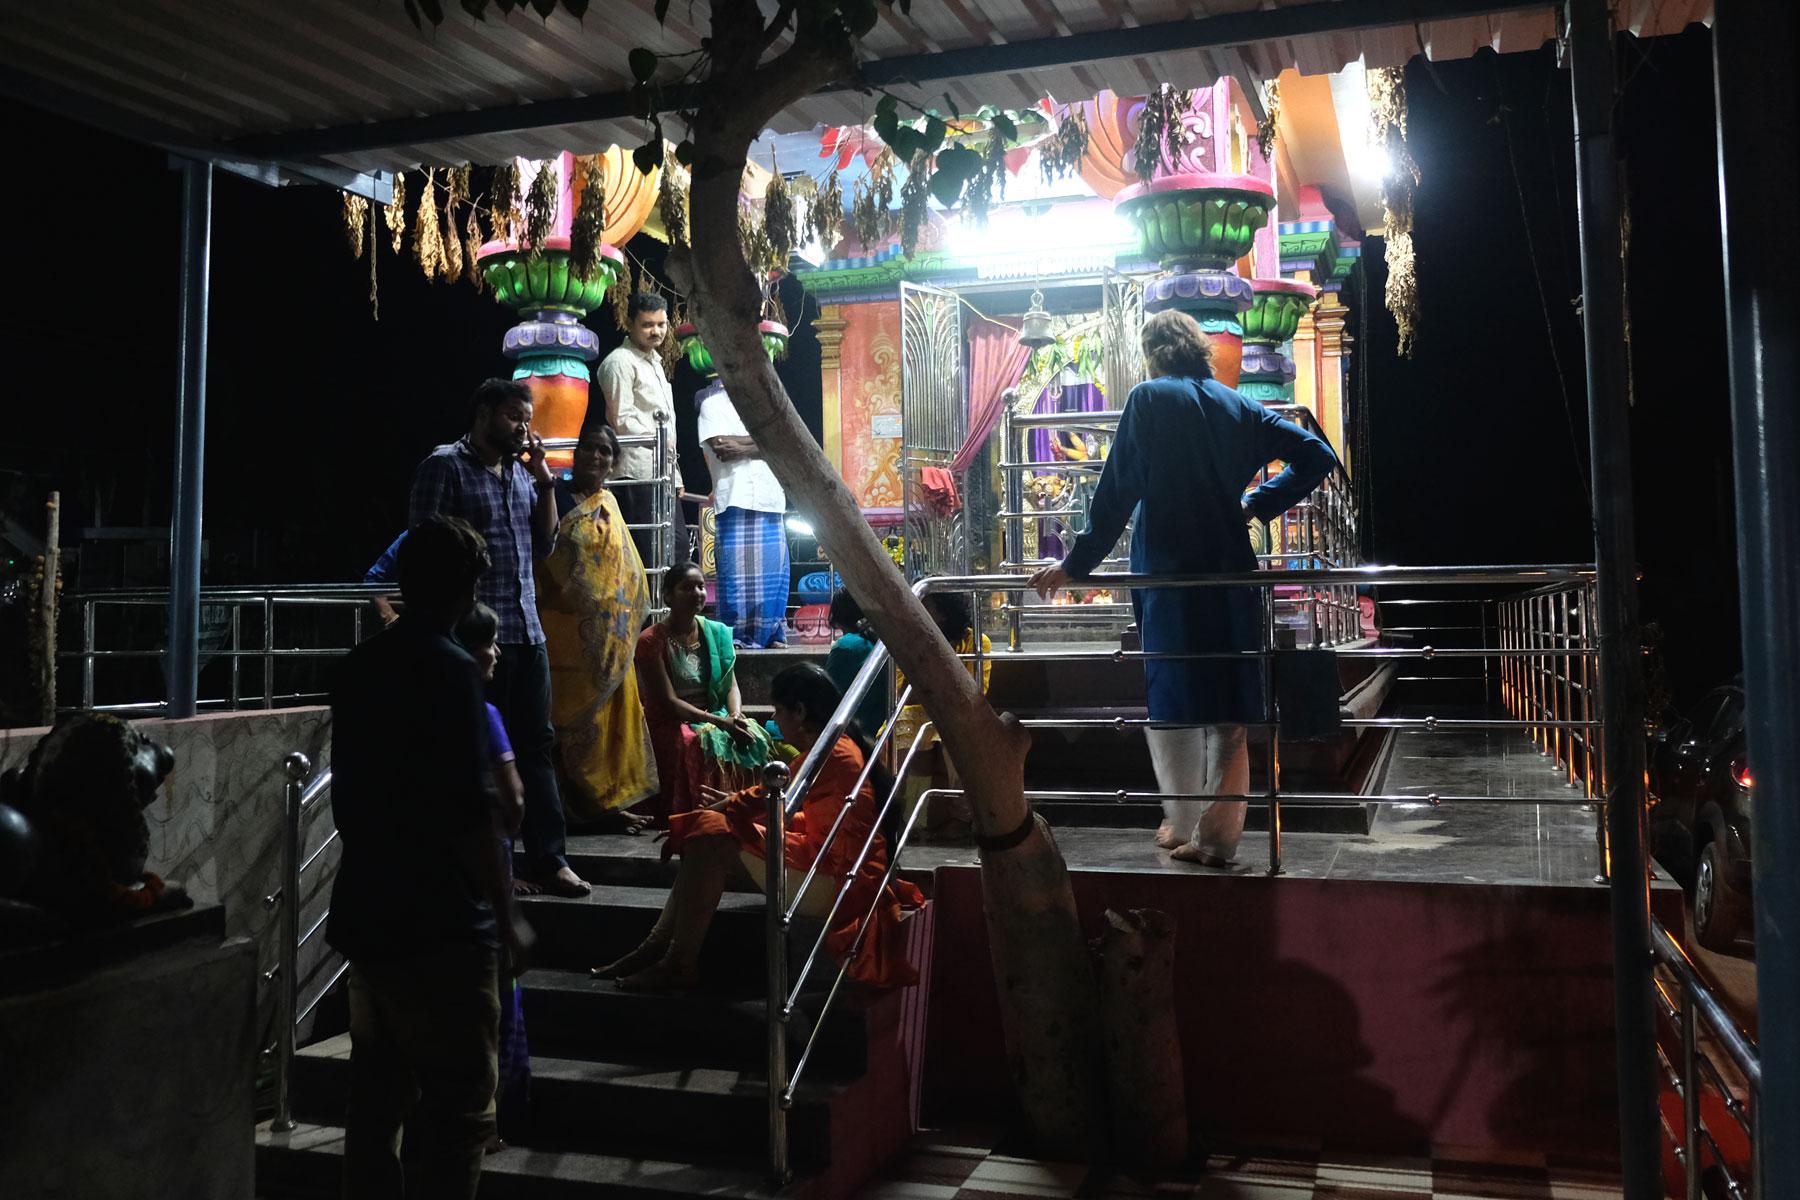 Menschen stehen nachts vor einem indischen Tempel.